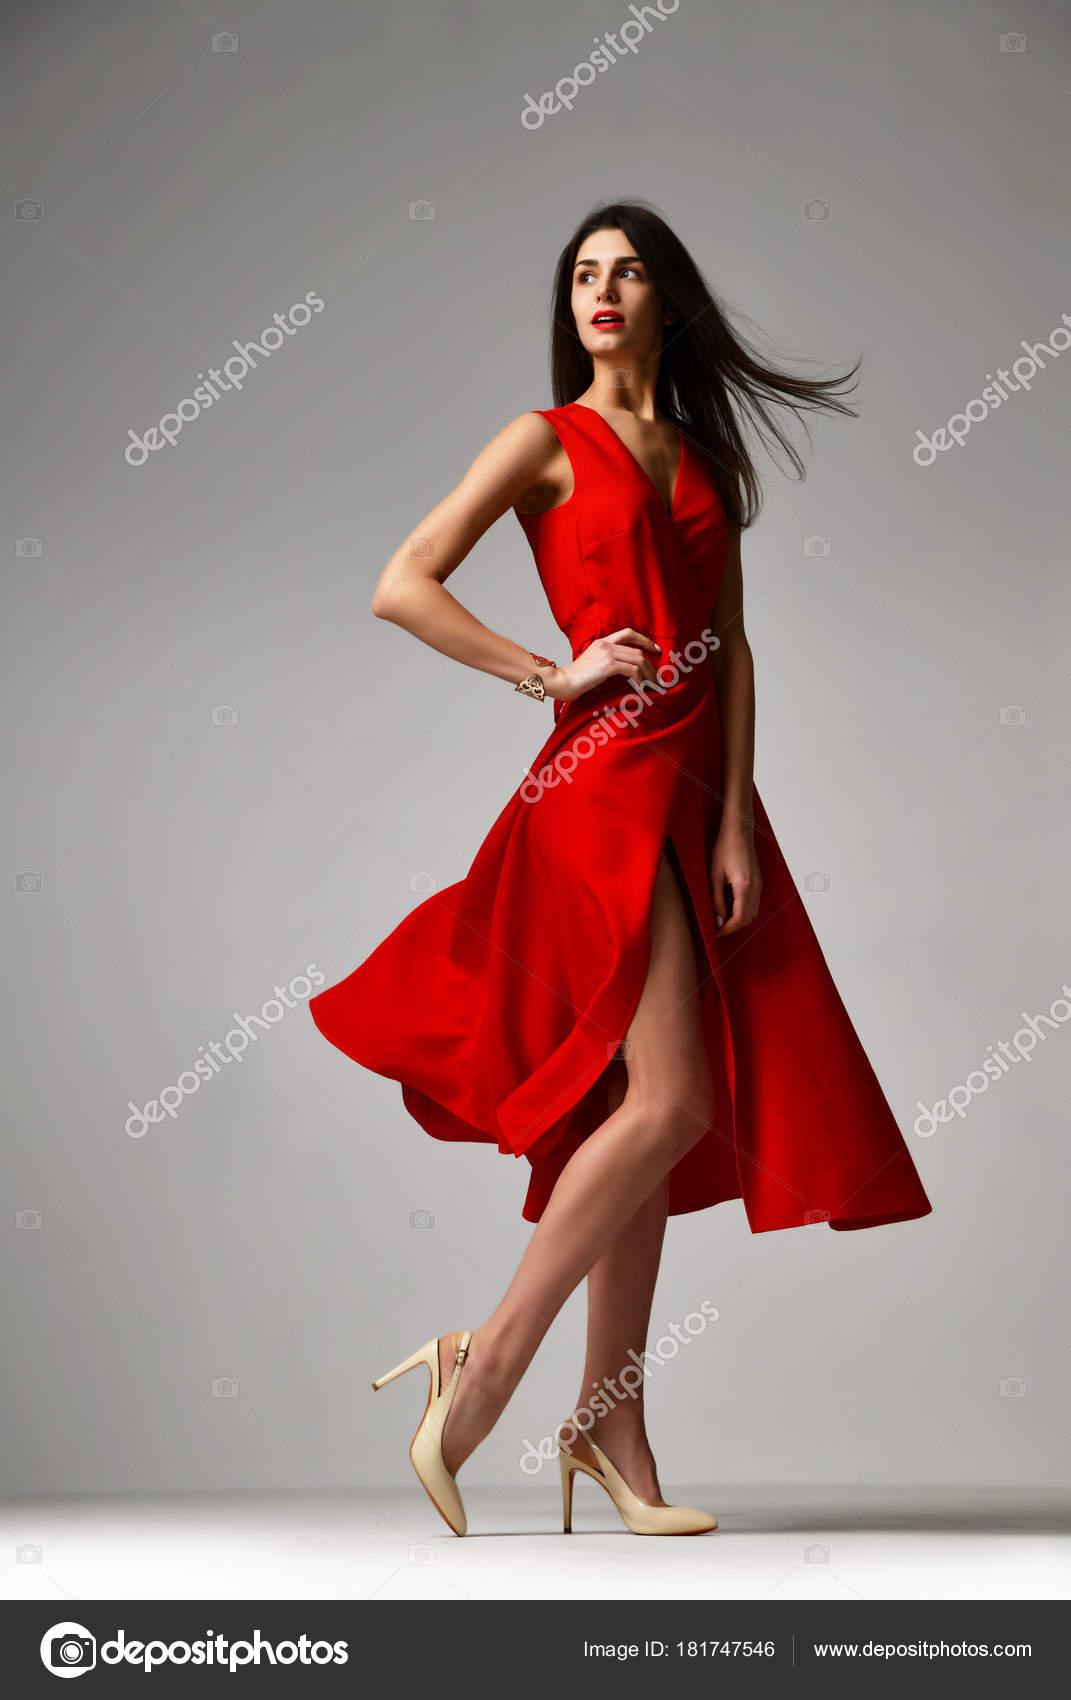 Vestido rojo zapatos grises